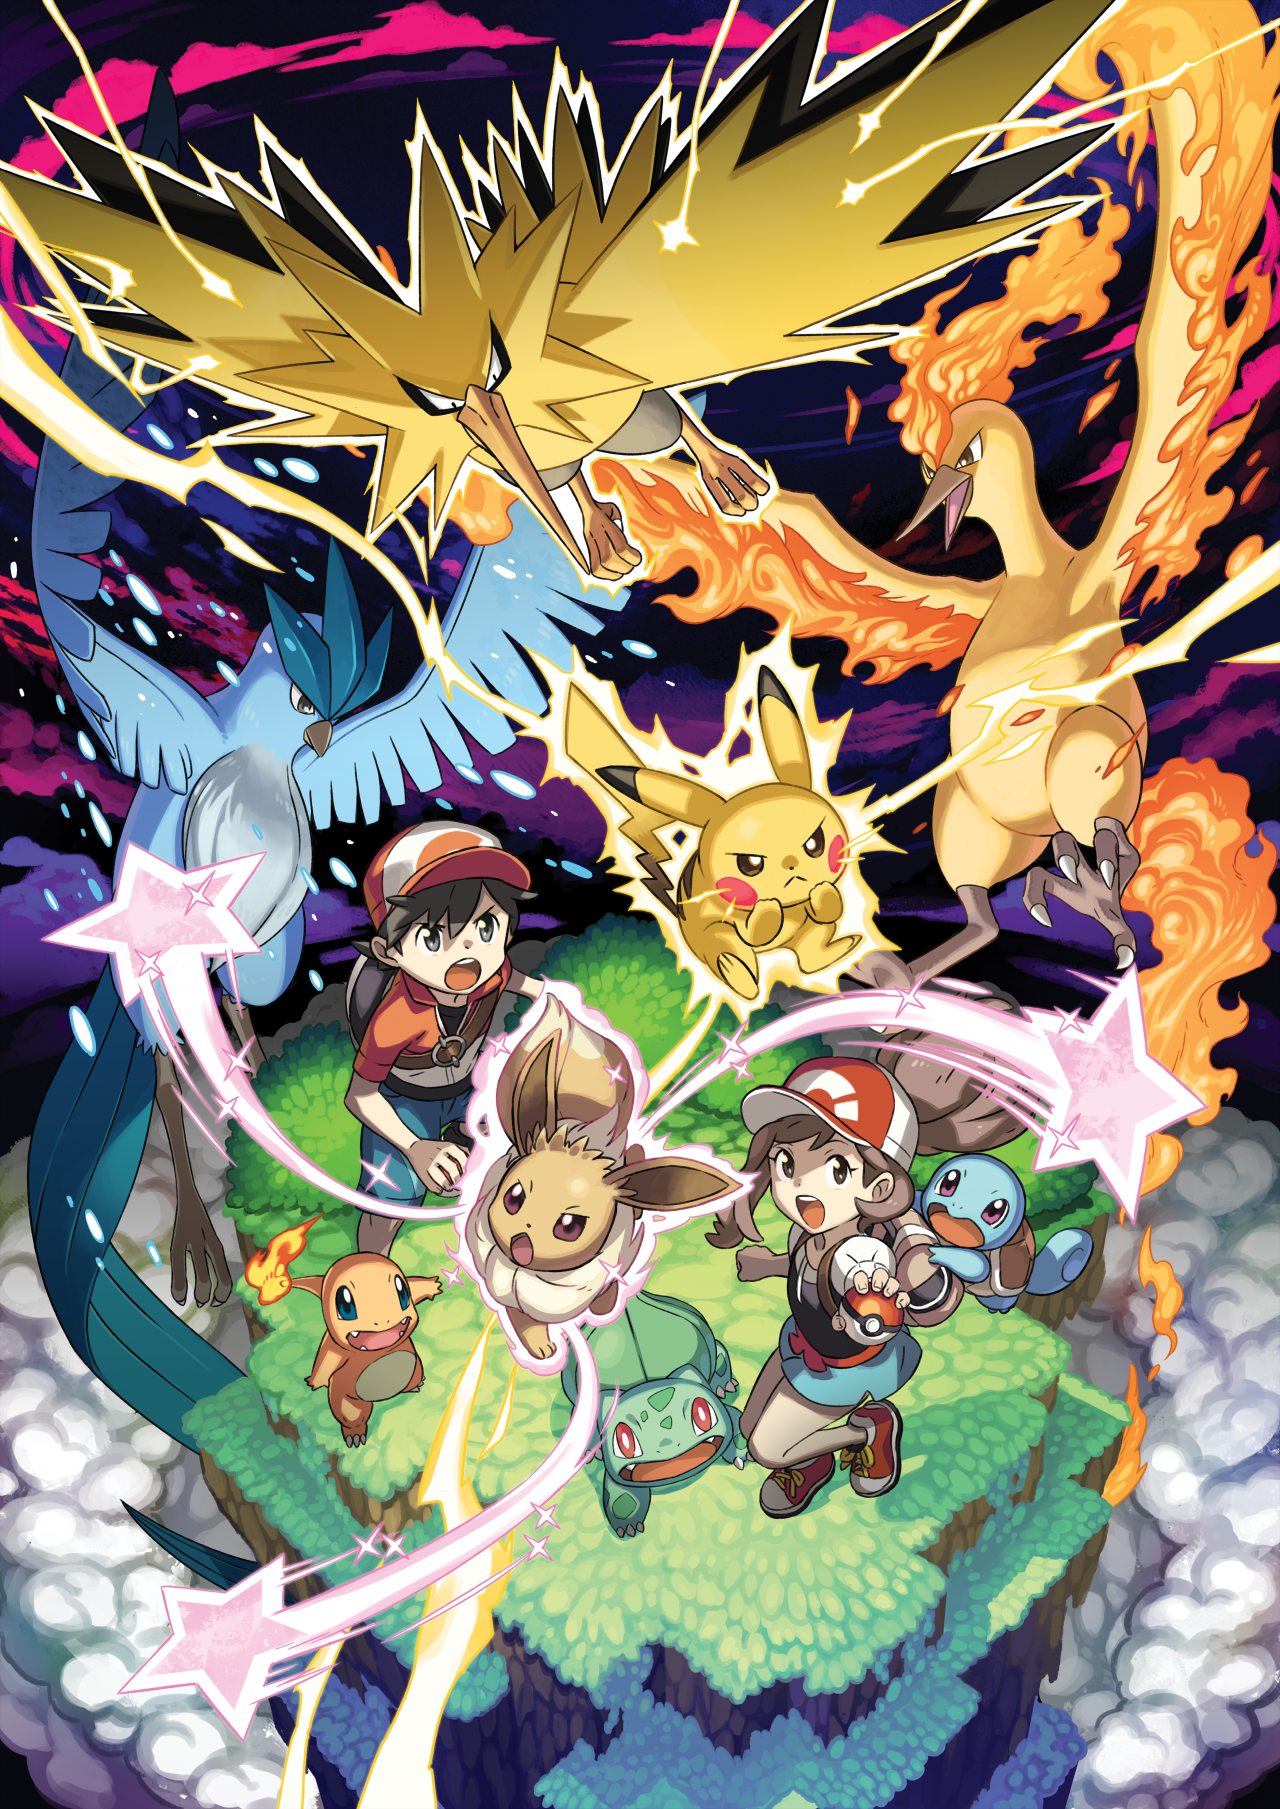 Pokémon Lets Go Pikachu Komplettlösung Mit Hilfreichen Tipps